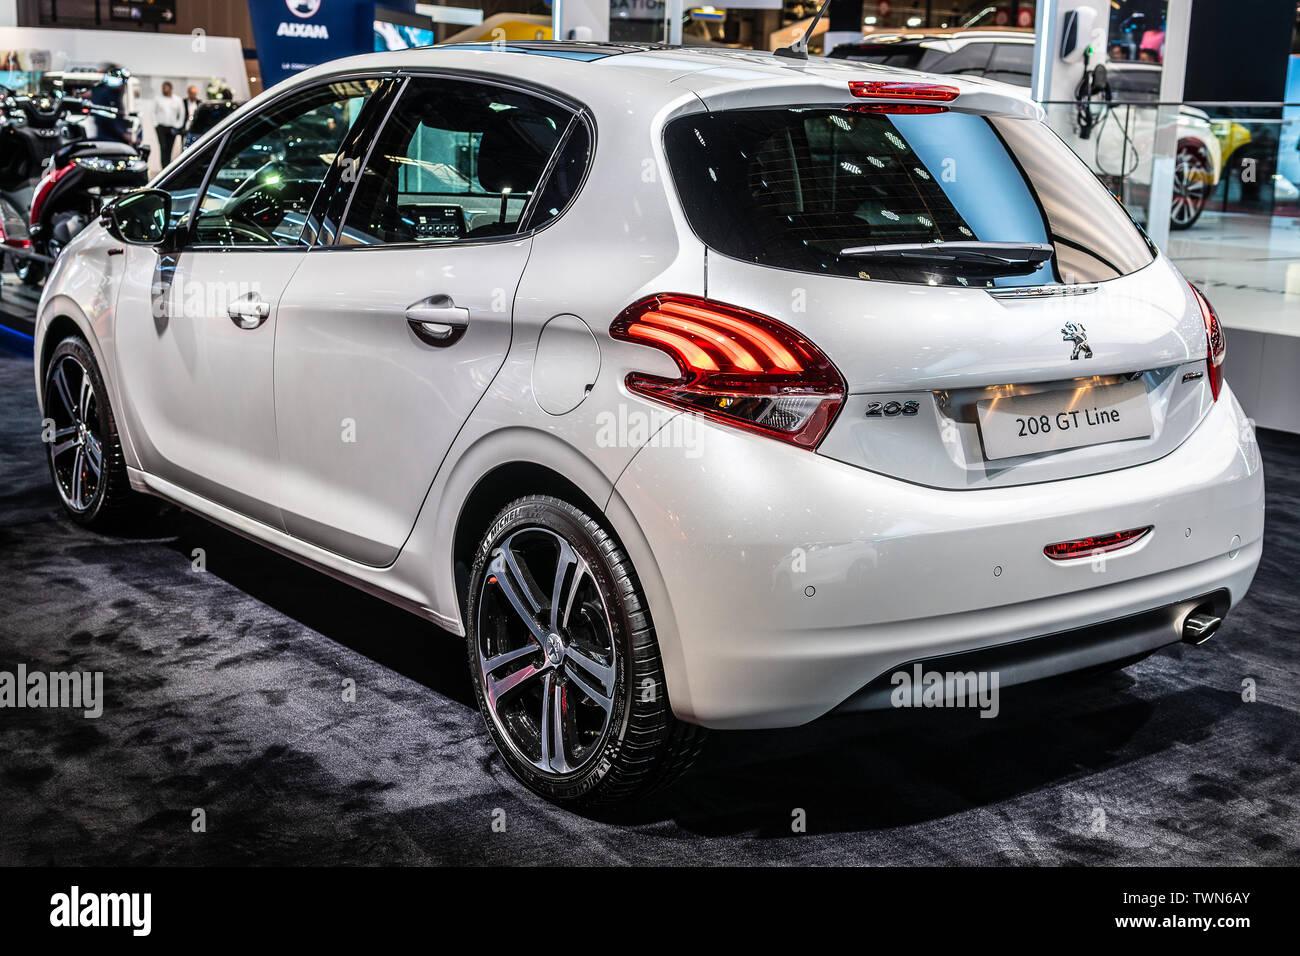 Paris France Oct 2018 White New Peugeot 208 Gt Line At Mondial Paris Motor Show 1st Gen Facelift Car Produced By Peugeot Stock Photo Alamy